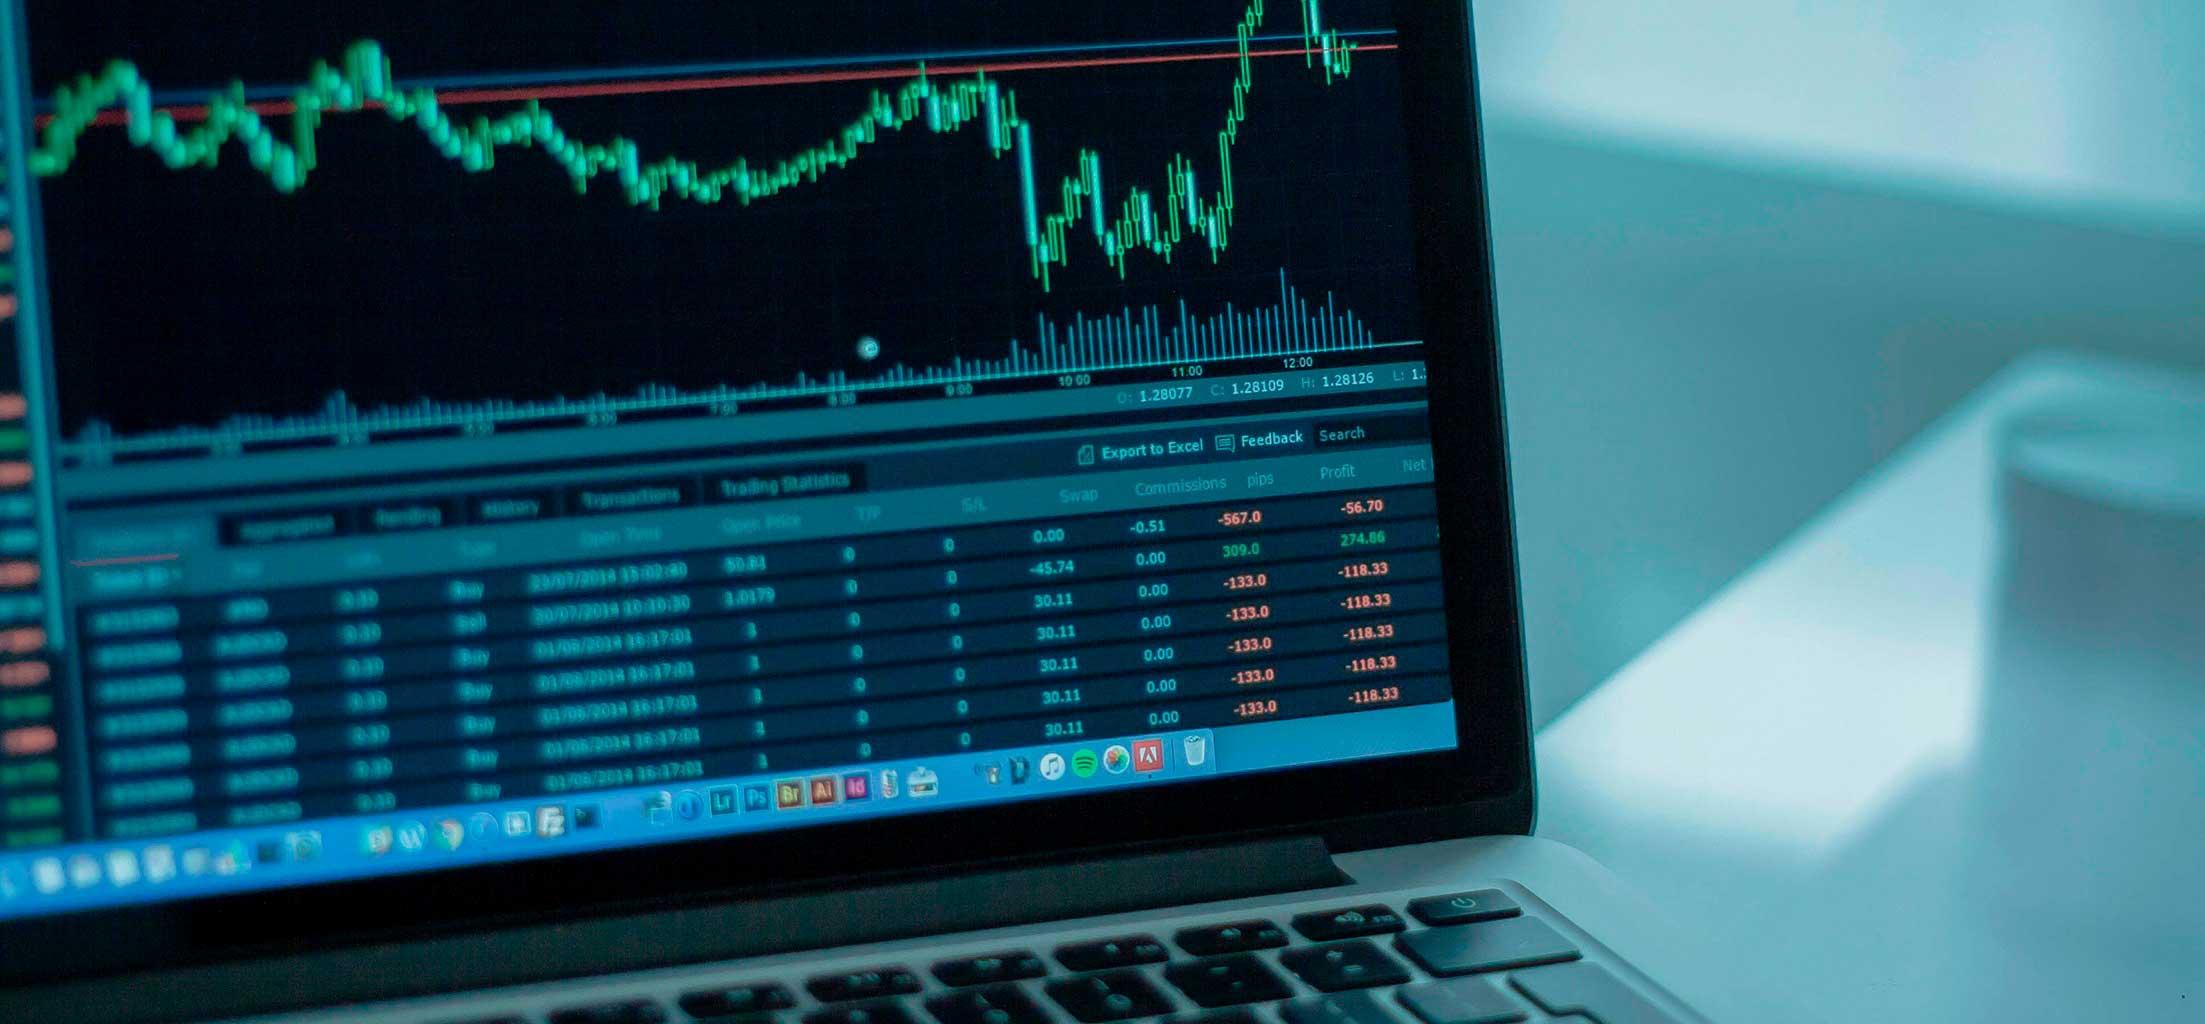 Una gráfica en la pantalla de una laptop